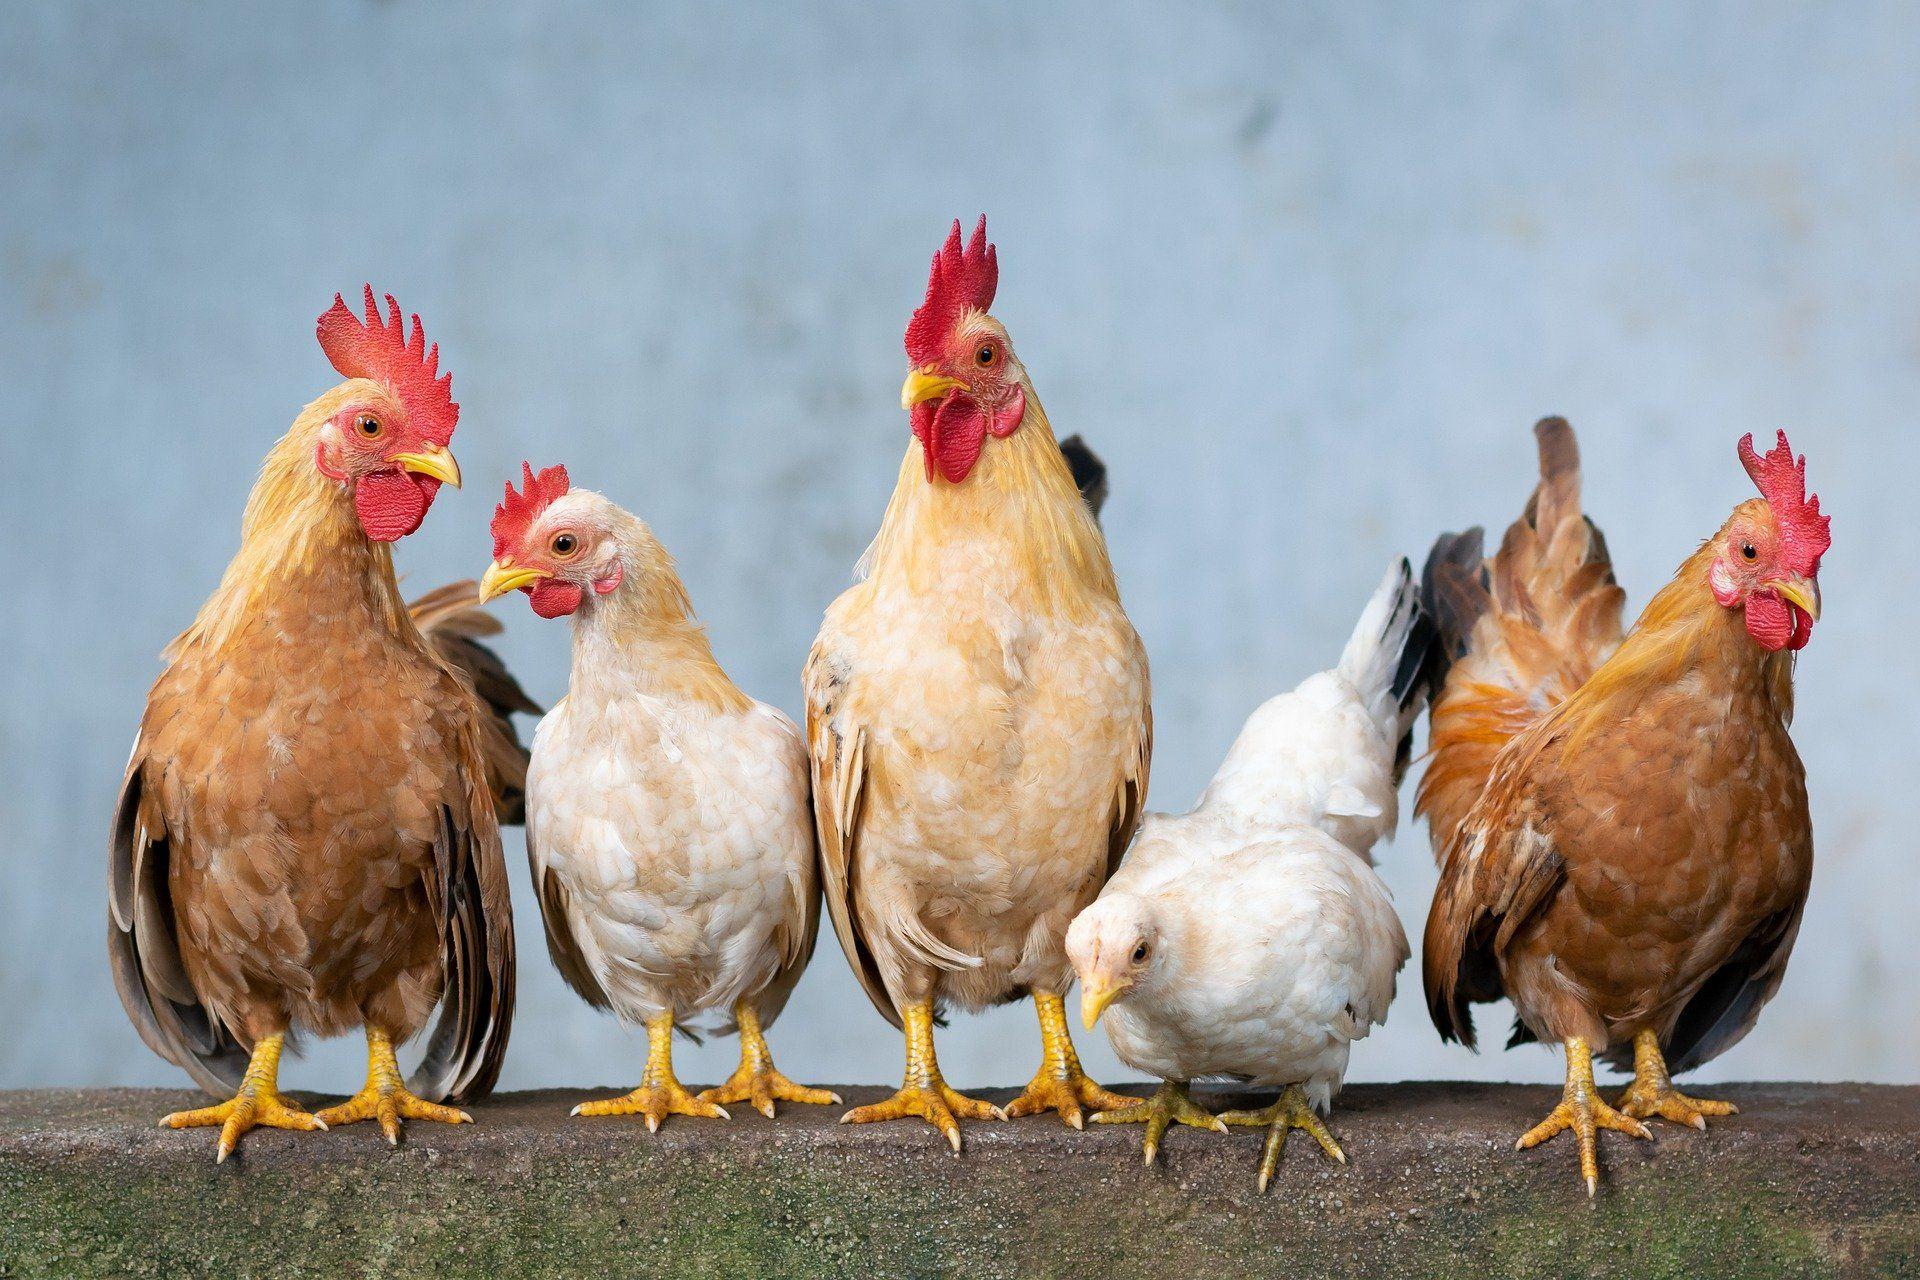 بورصة الدواجن.. سعر الكتكوت الأبيض اليوم الإثنين 19 أبريل وسعر الفراخ وكتاكيت البط الآن 4